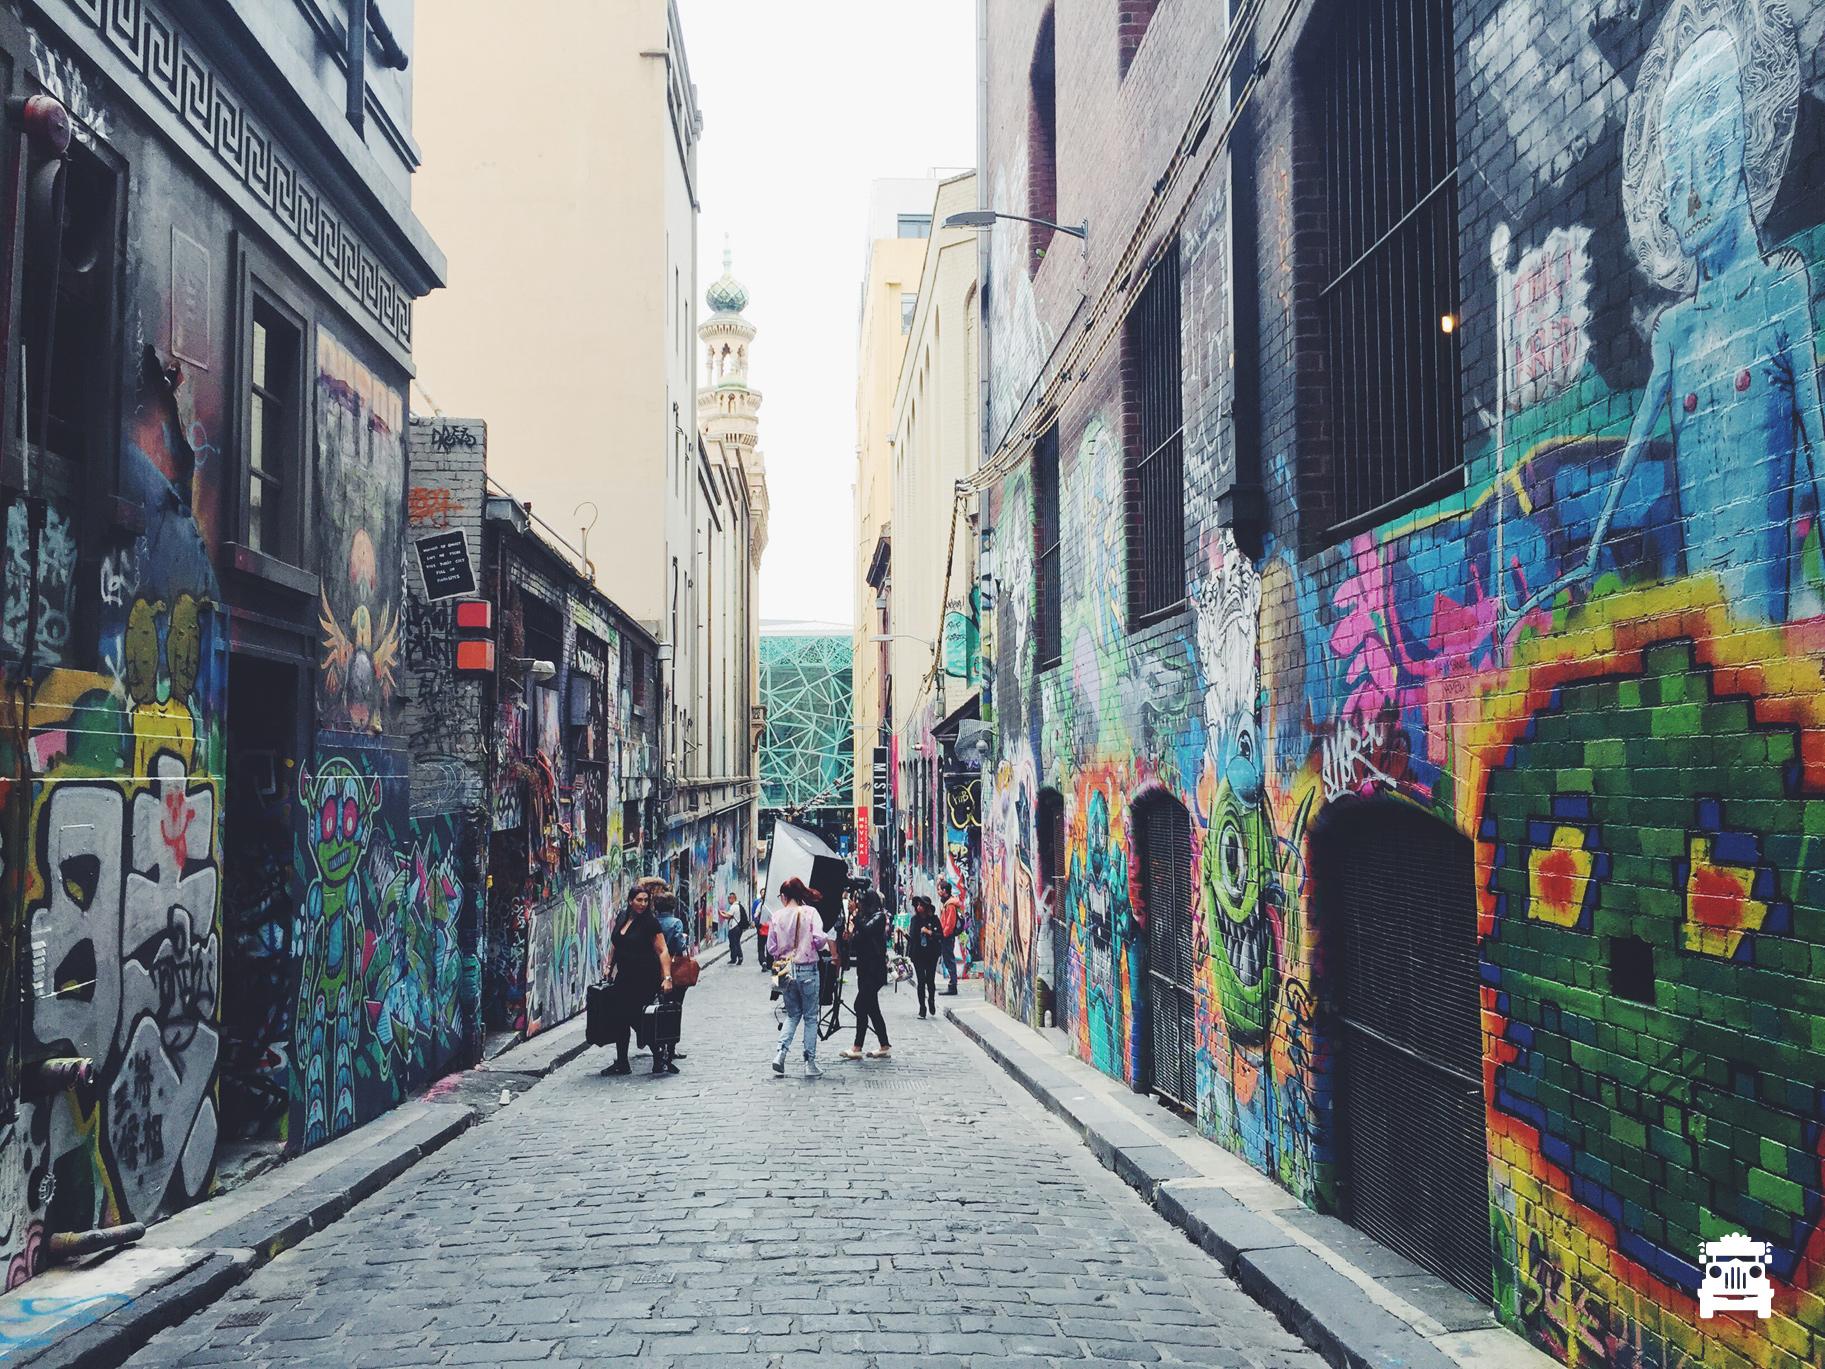 The famous Hosier Lane